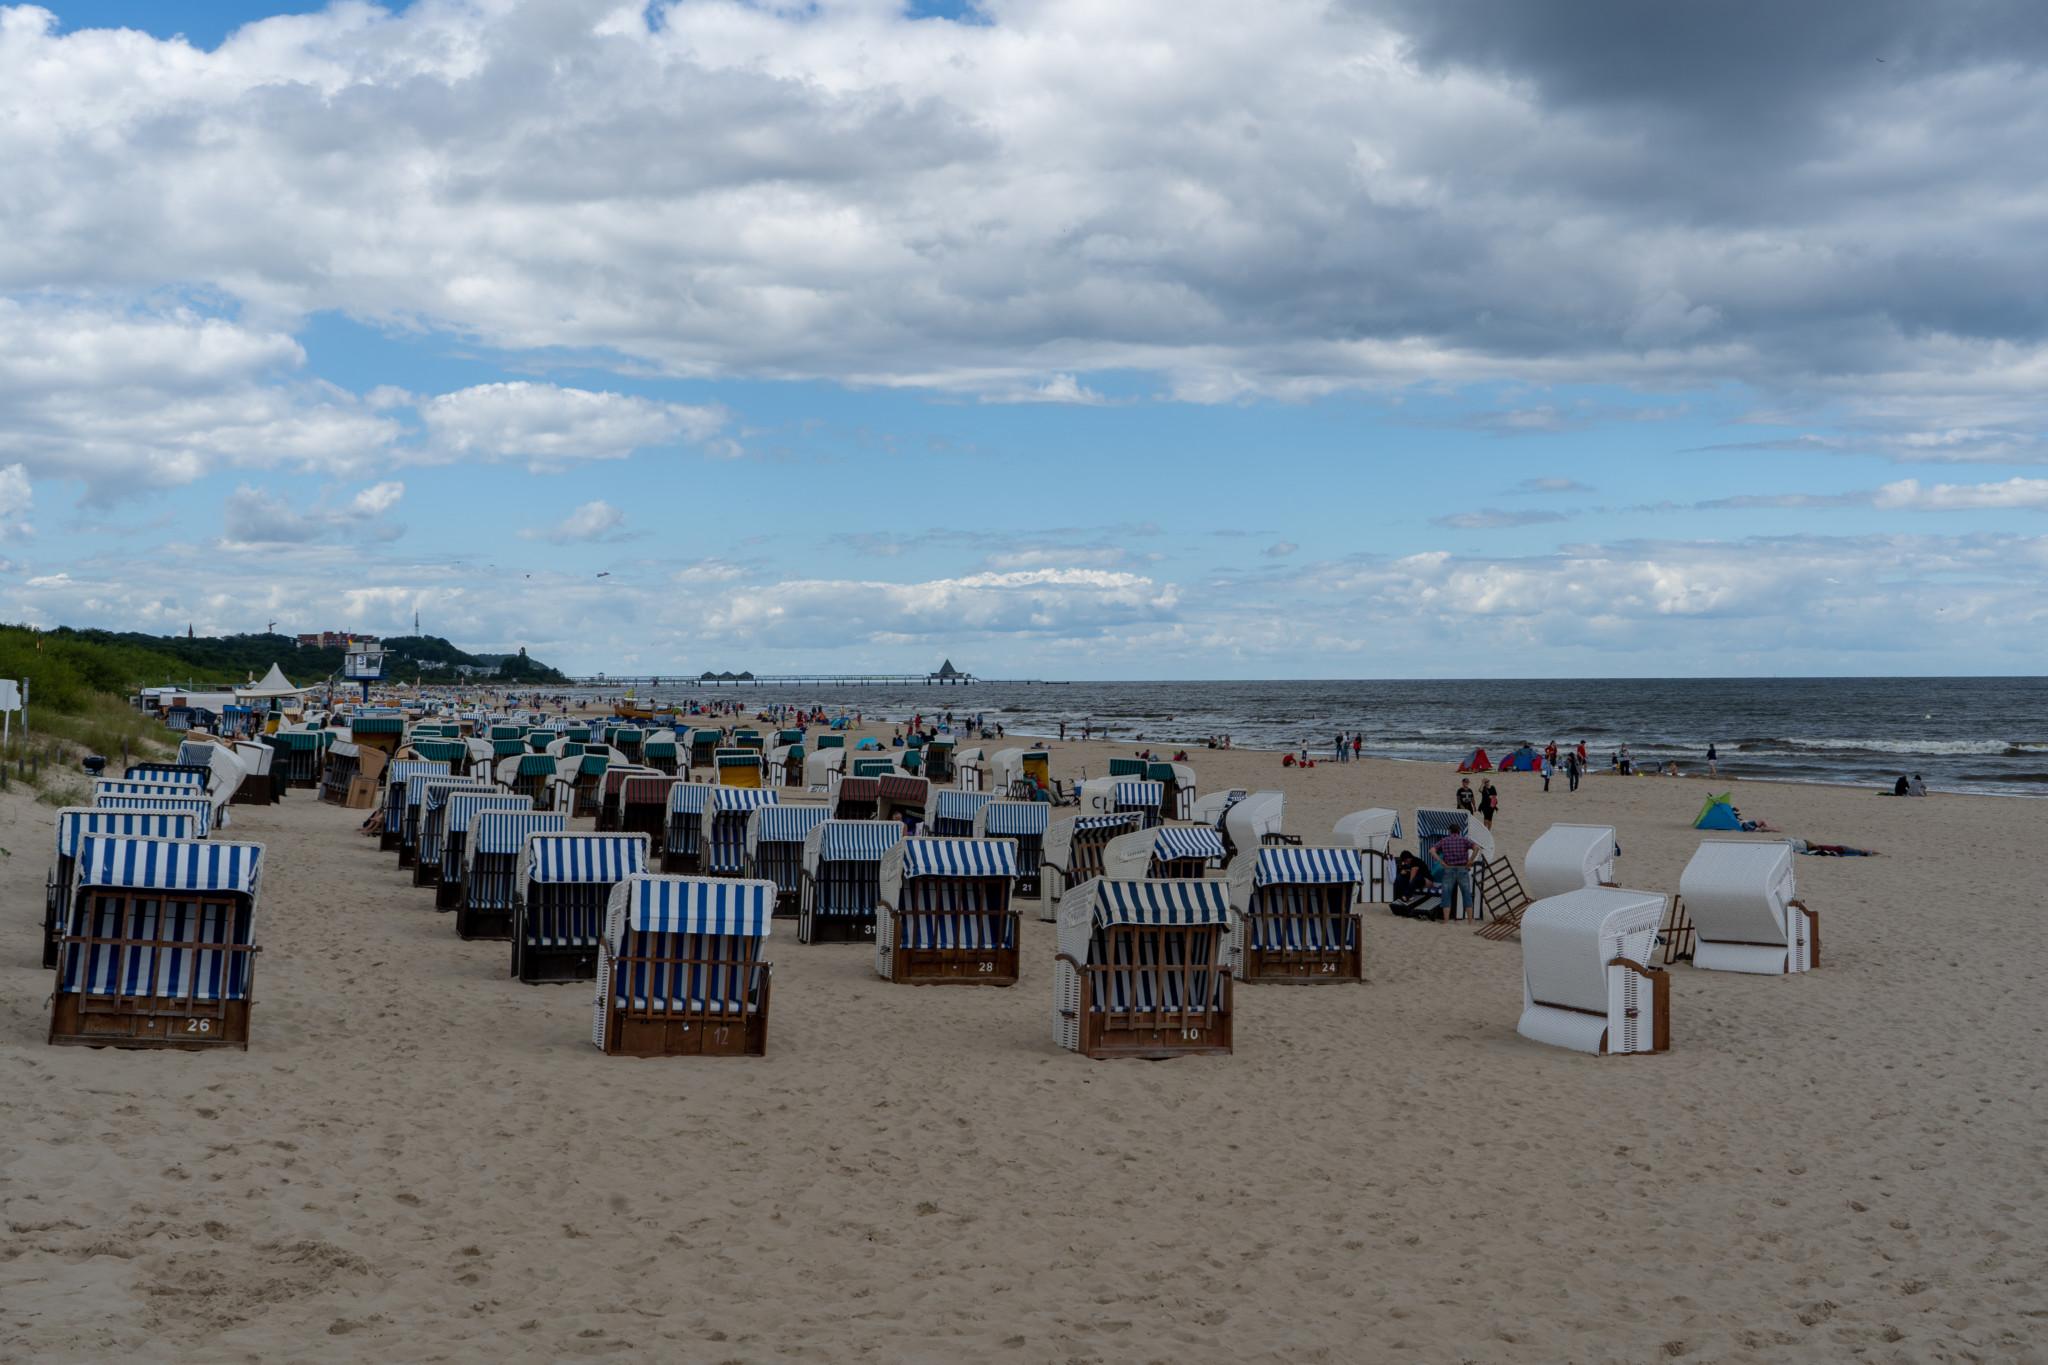 Strand von Heringsdorf auf Usedom